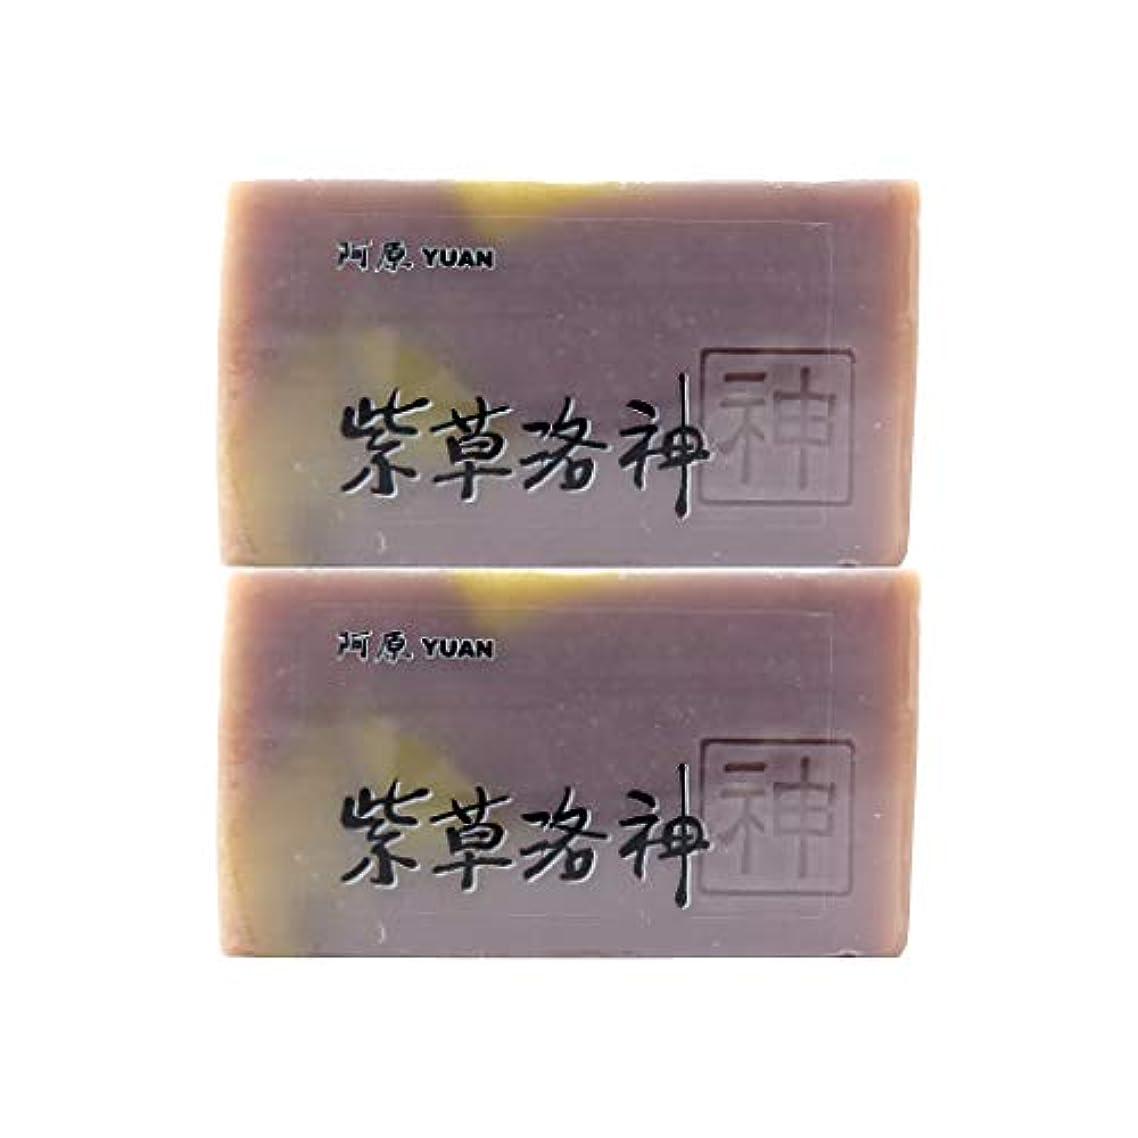 反動序文リラックスしたユアン(YUAN) ハイビスカスソープ 100g (2個セット)